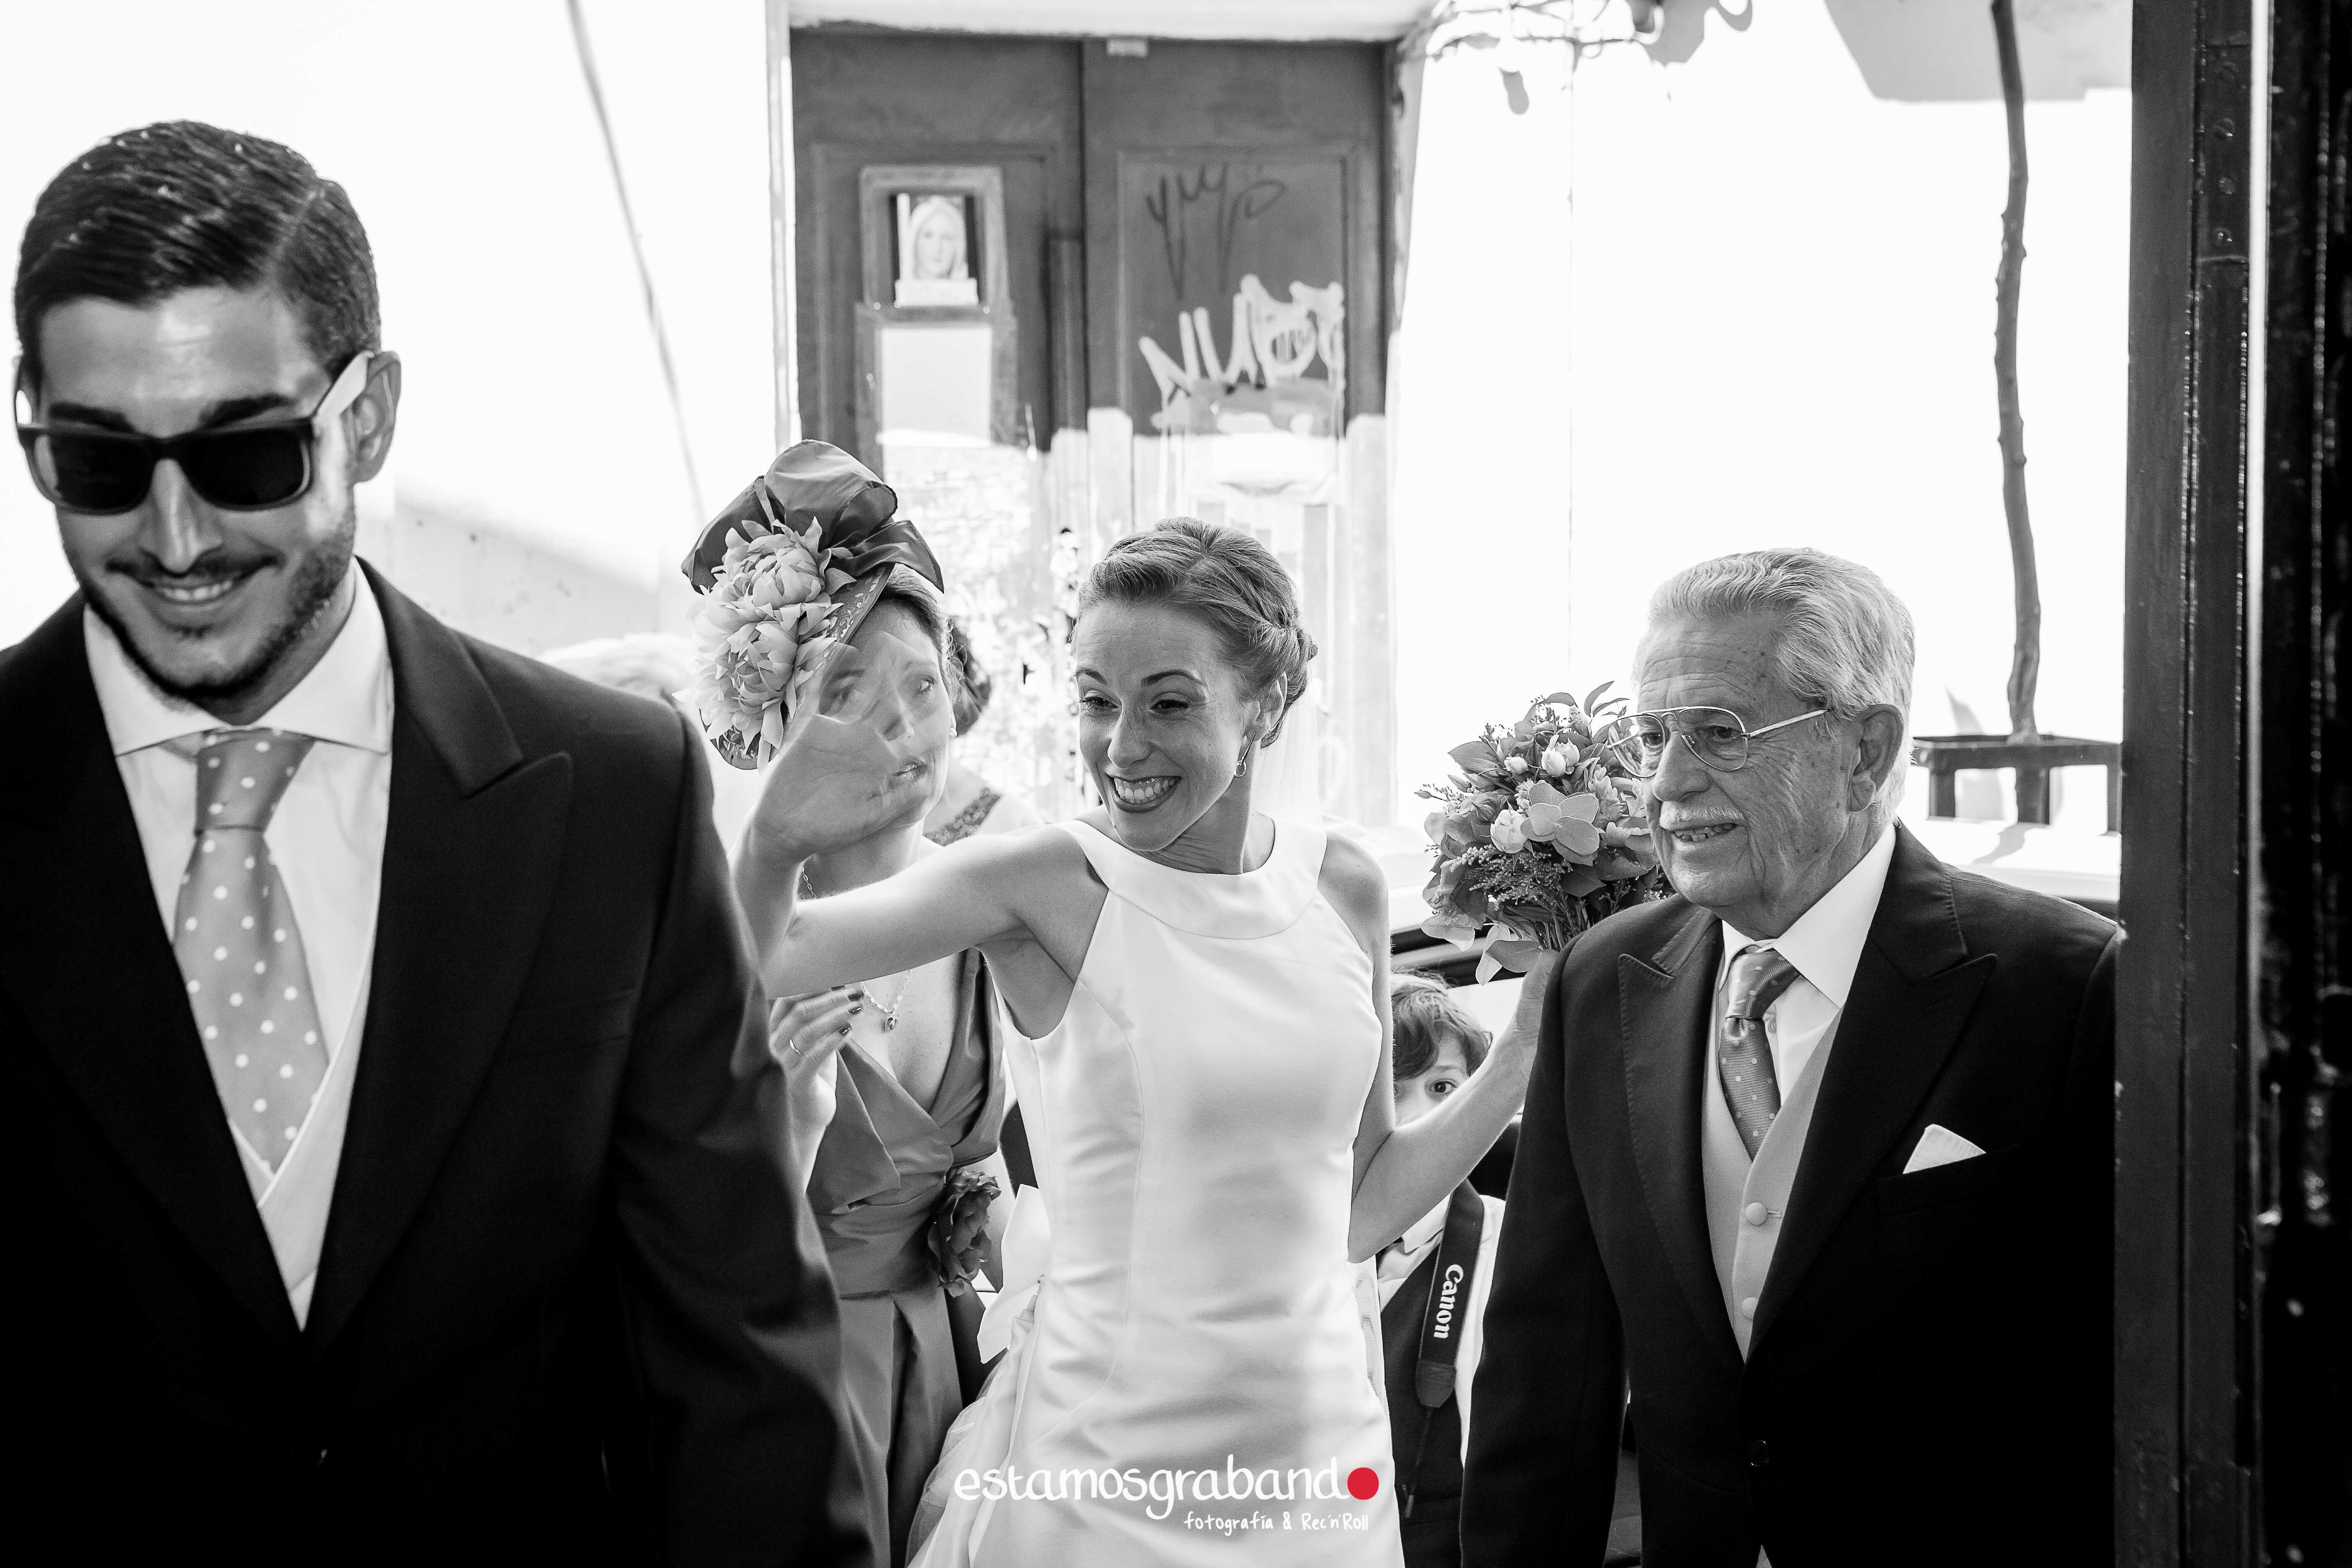 fotografo-de-bodas-jerez_mari-paz-jaime_bodegas-tradiciocc81n-29 32 escalones [Fotografía de bodas Jerez_Mari Paz & Jaime] - video boda cadiz